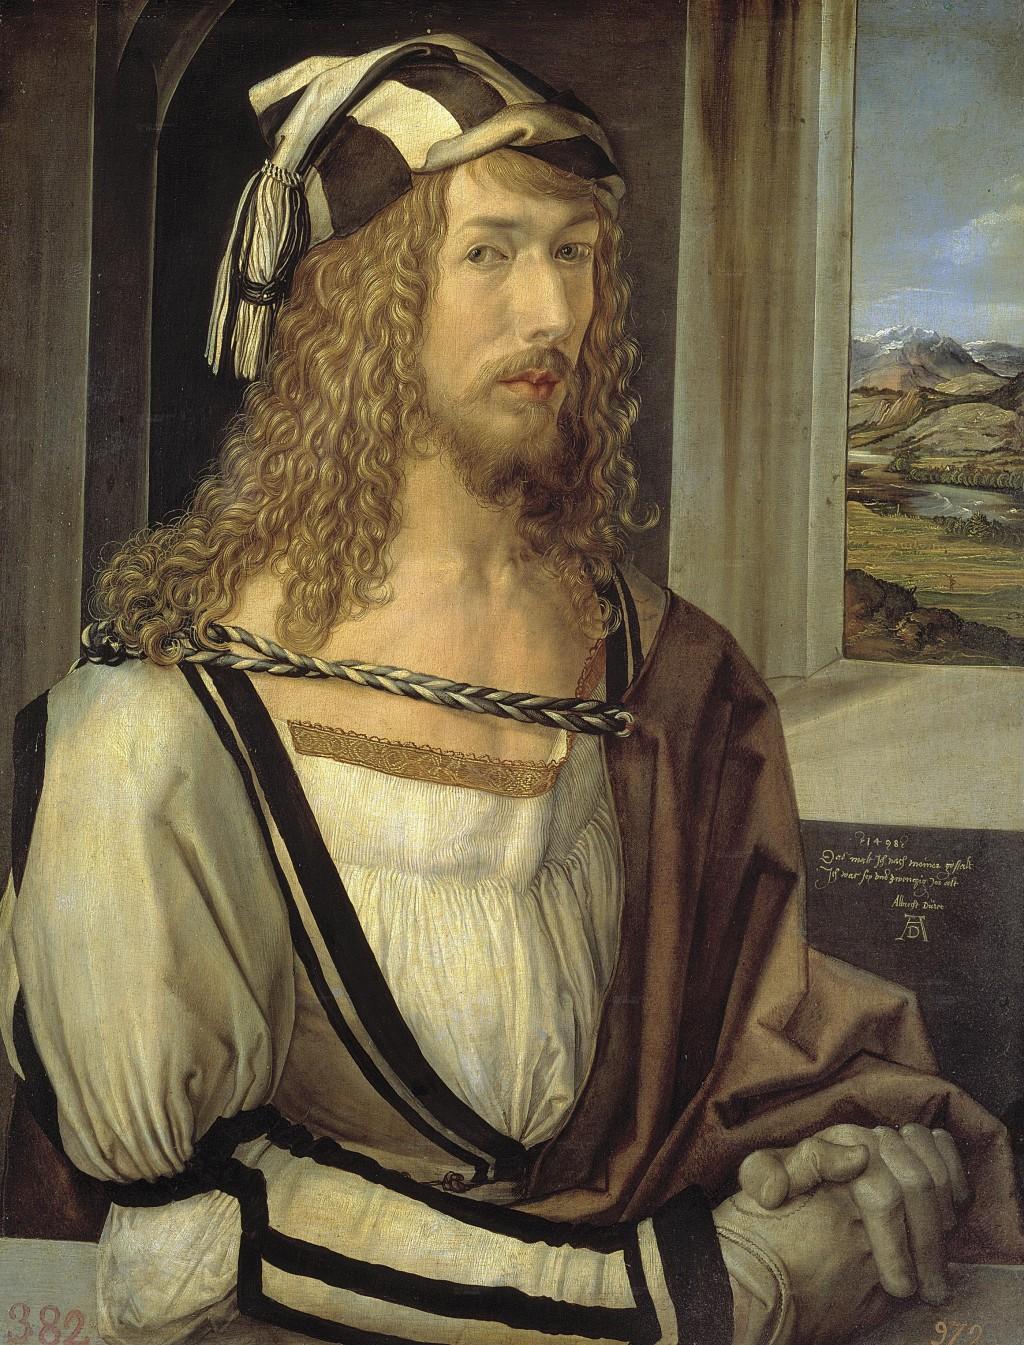 Albrecht Dürer, Prado, Autoportret w rękawiczkach, autoportret, Niezła sztuka